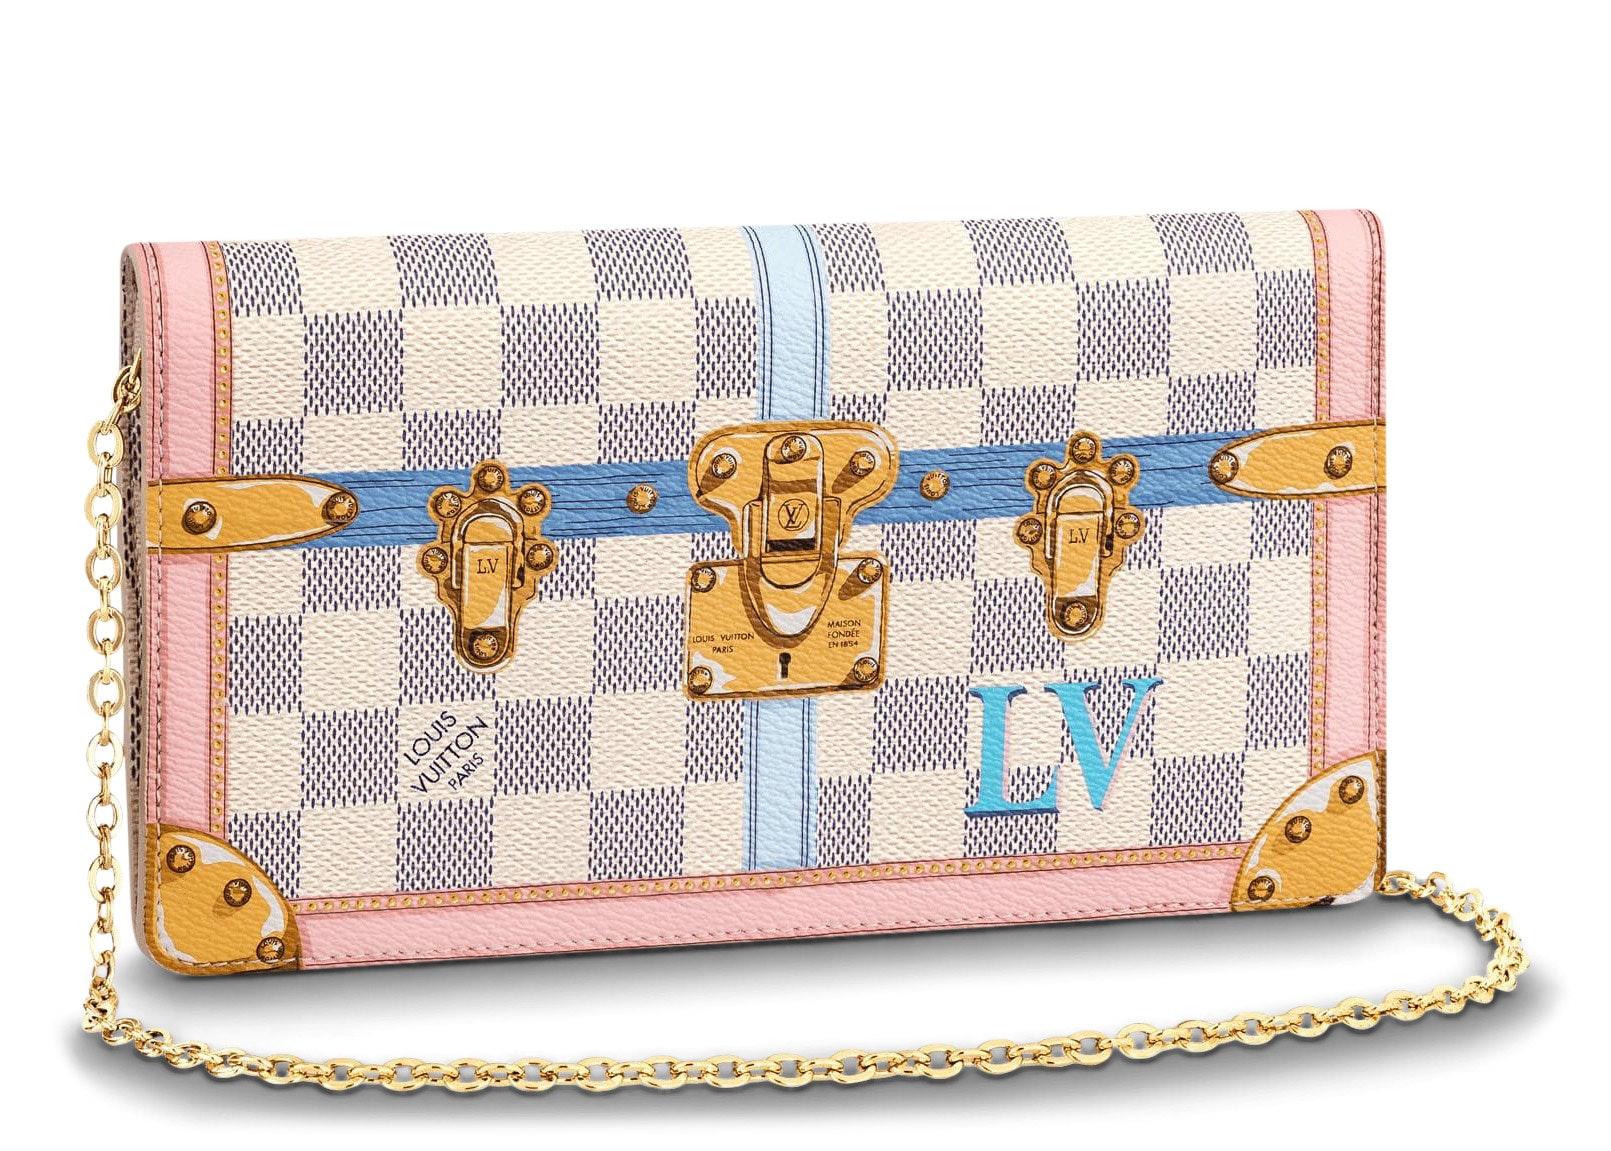 Louis Vuitton Clutch Pochette Weekend Damier Azur Summer Trunk Collection White/Blue/Pink